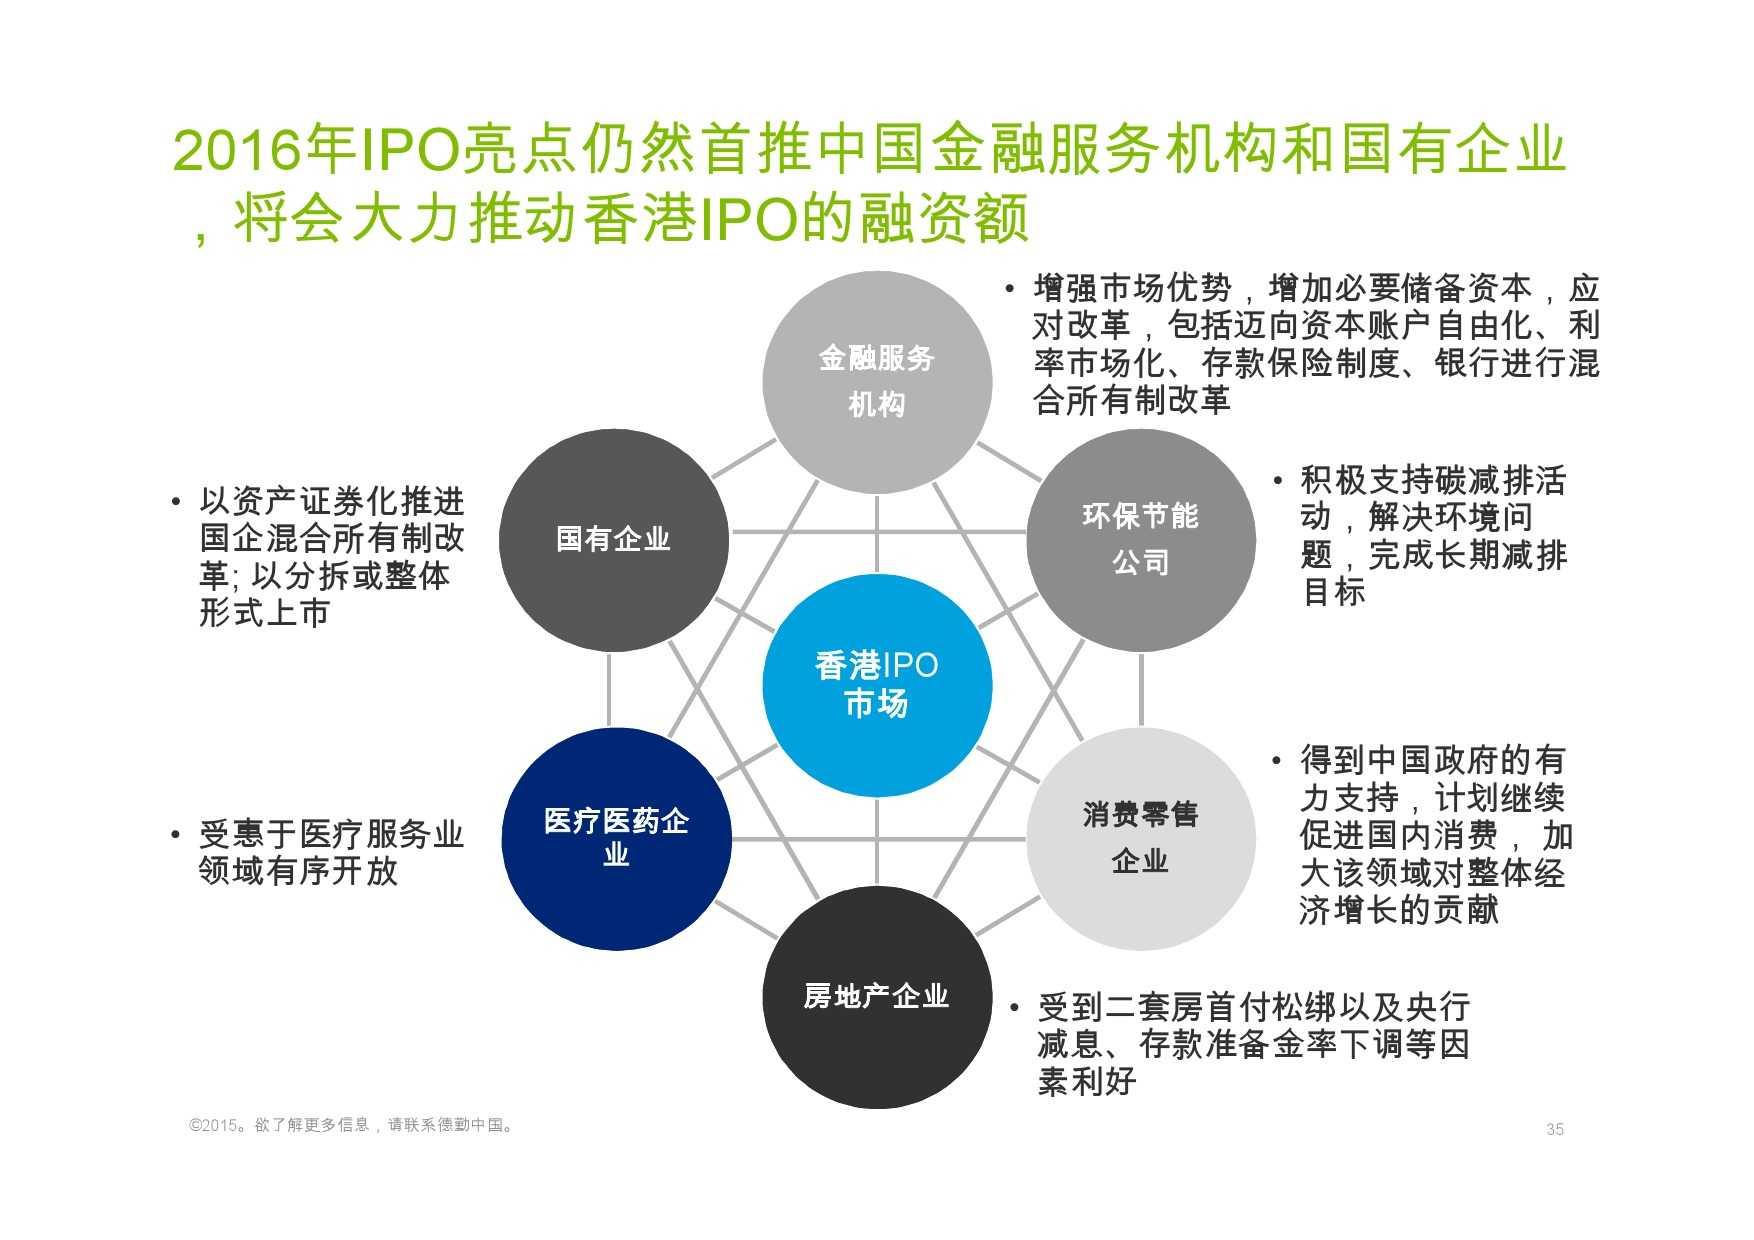 德勤:香港及中国大陆IPO巿场2015年回顾与2016年展望_000035